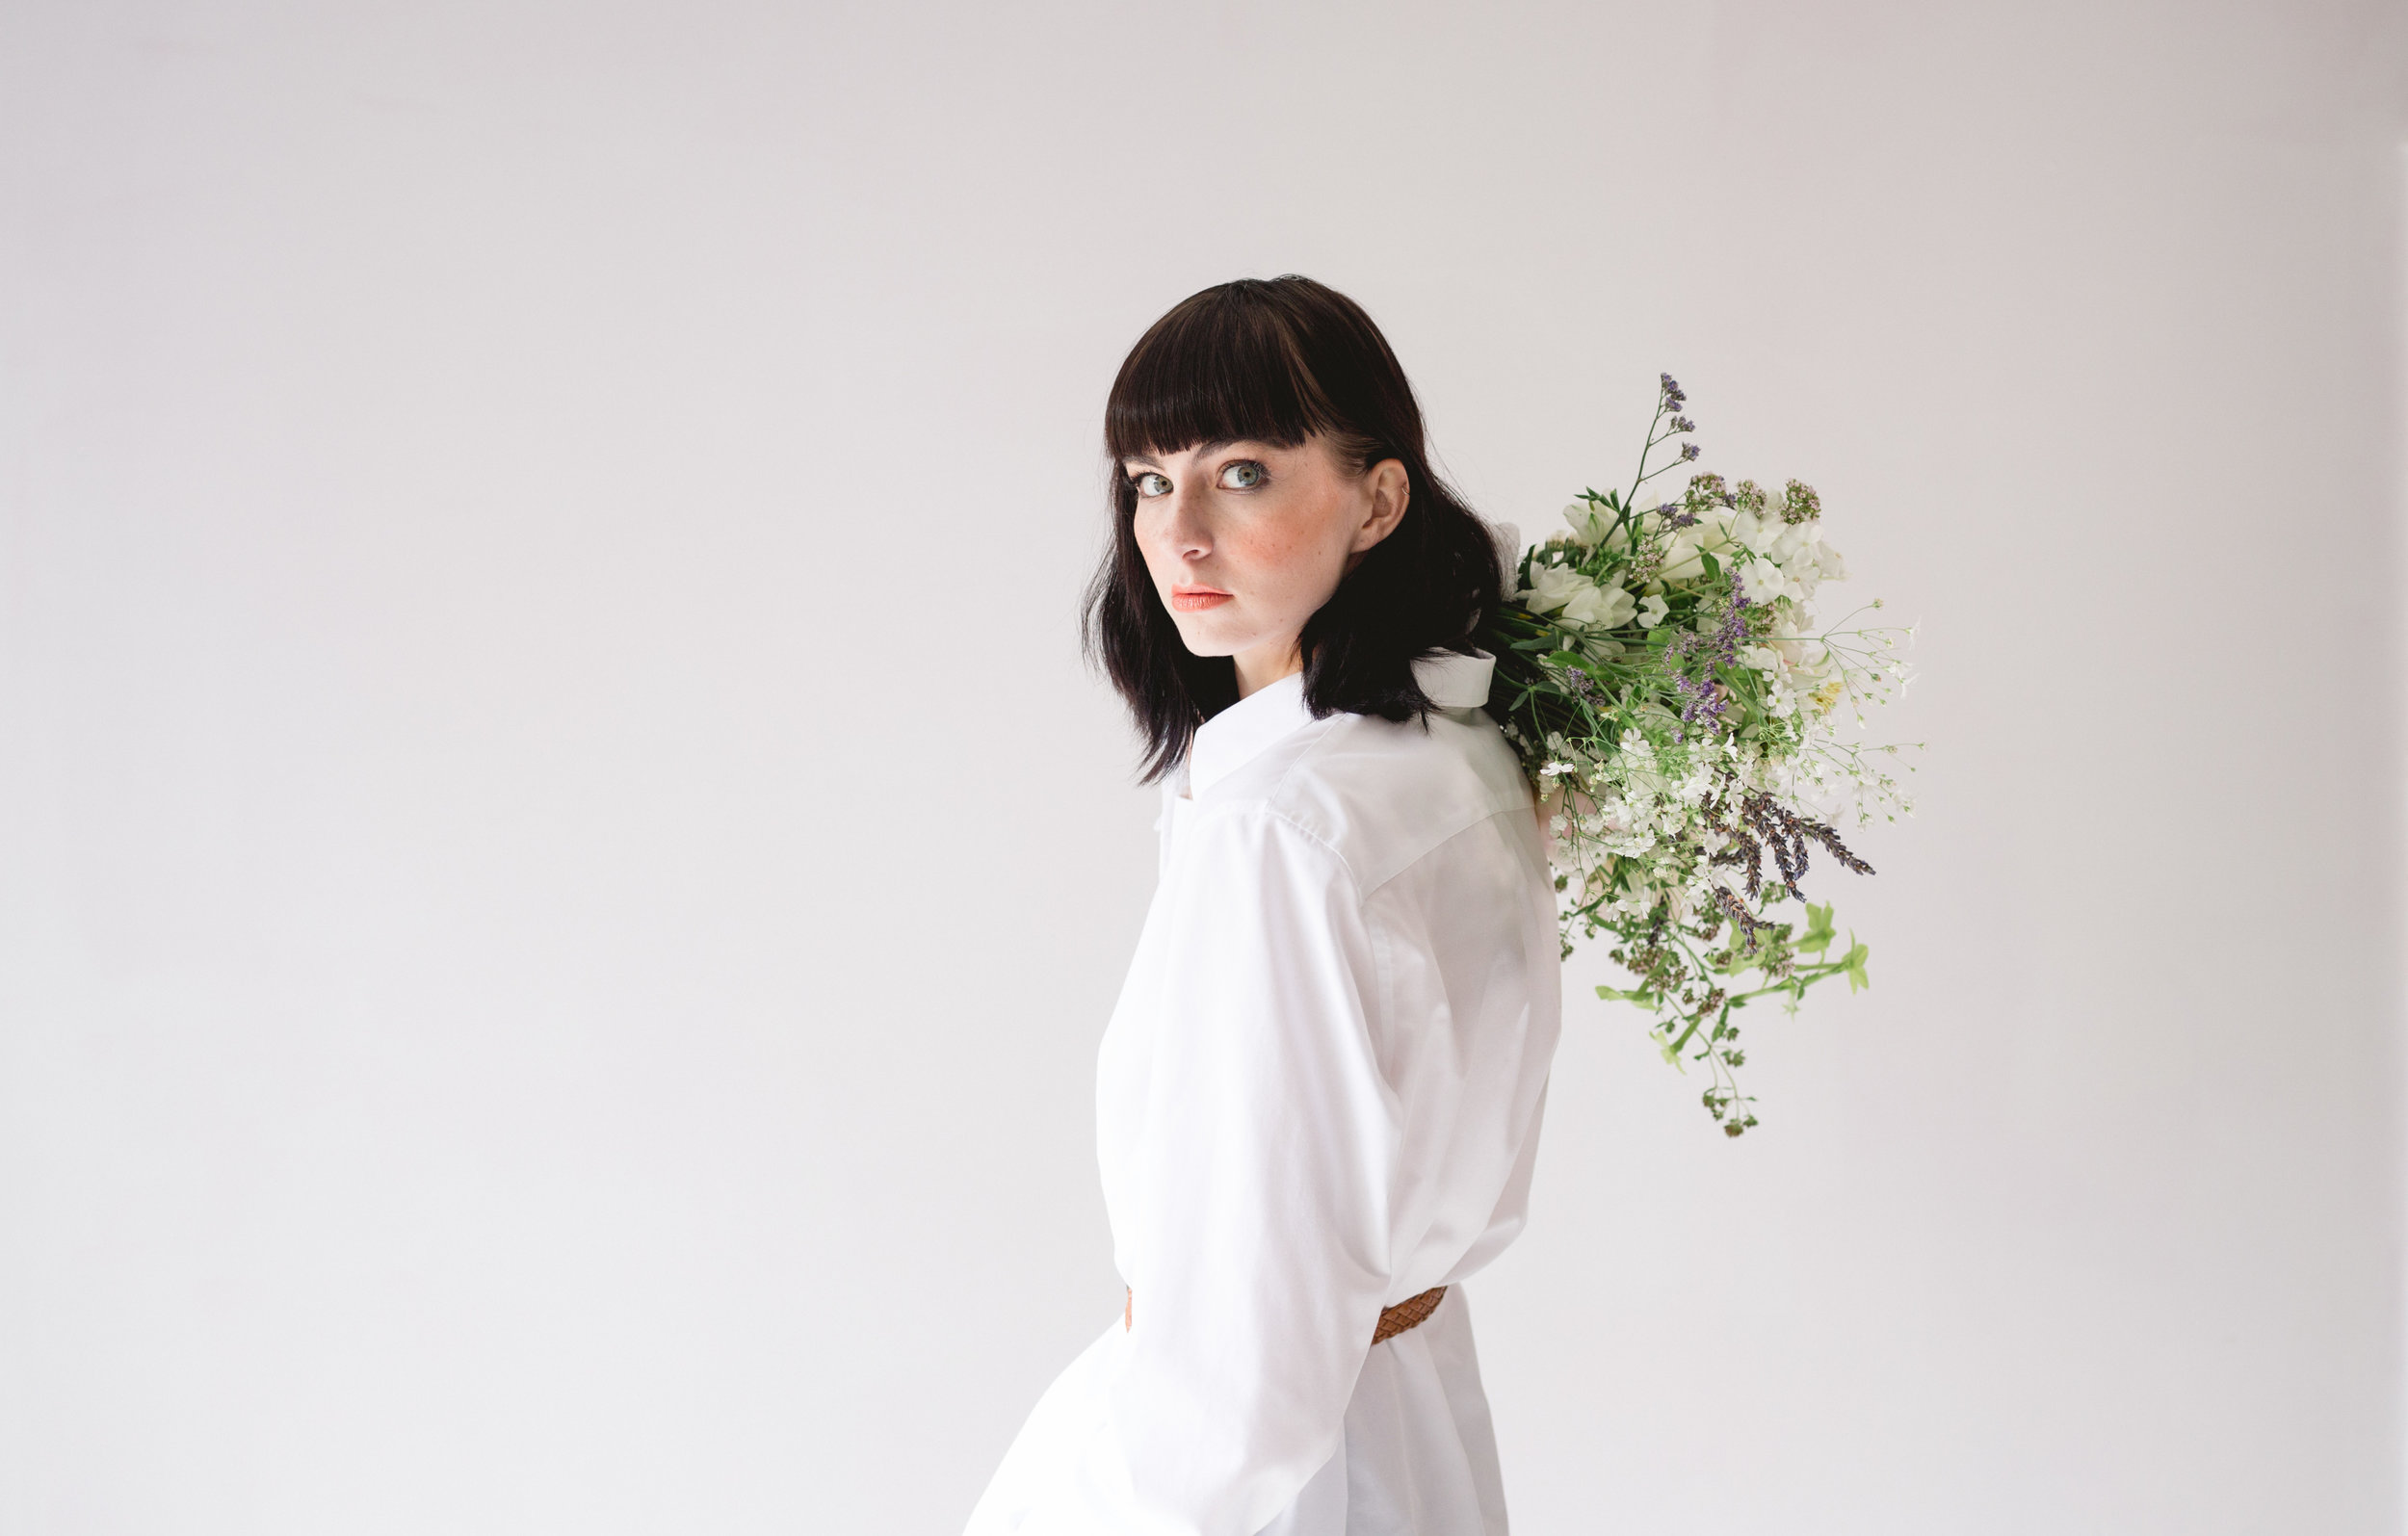 French Meadow Editorial - Ashley Fox Designs